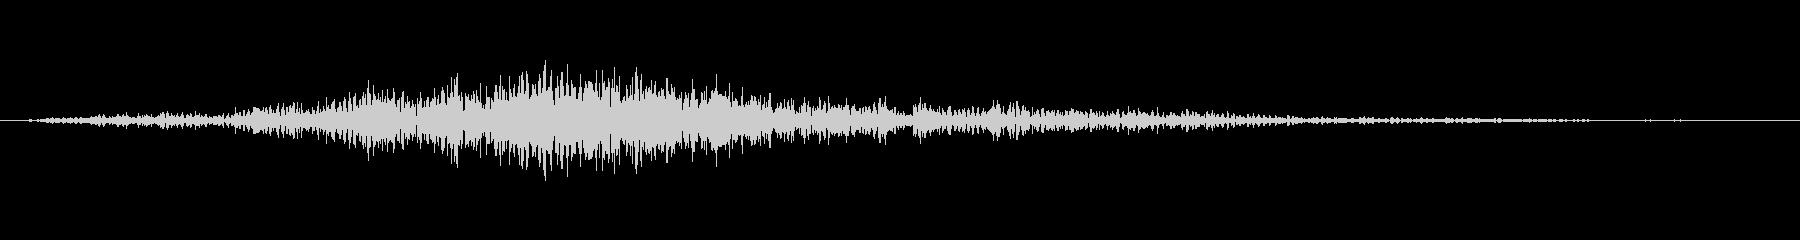 ケトルドラム:連続鳴動ロールの未再生の波形